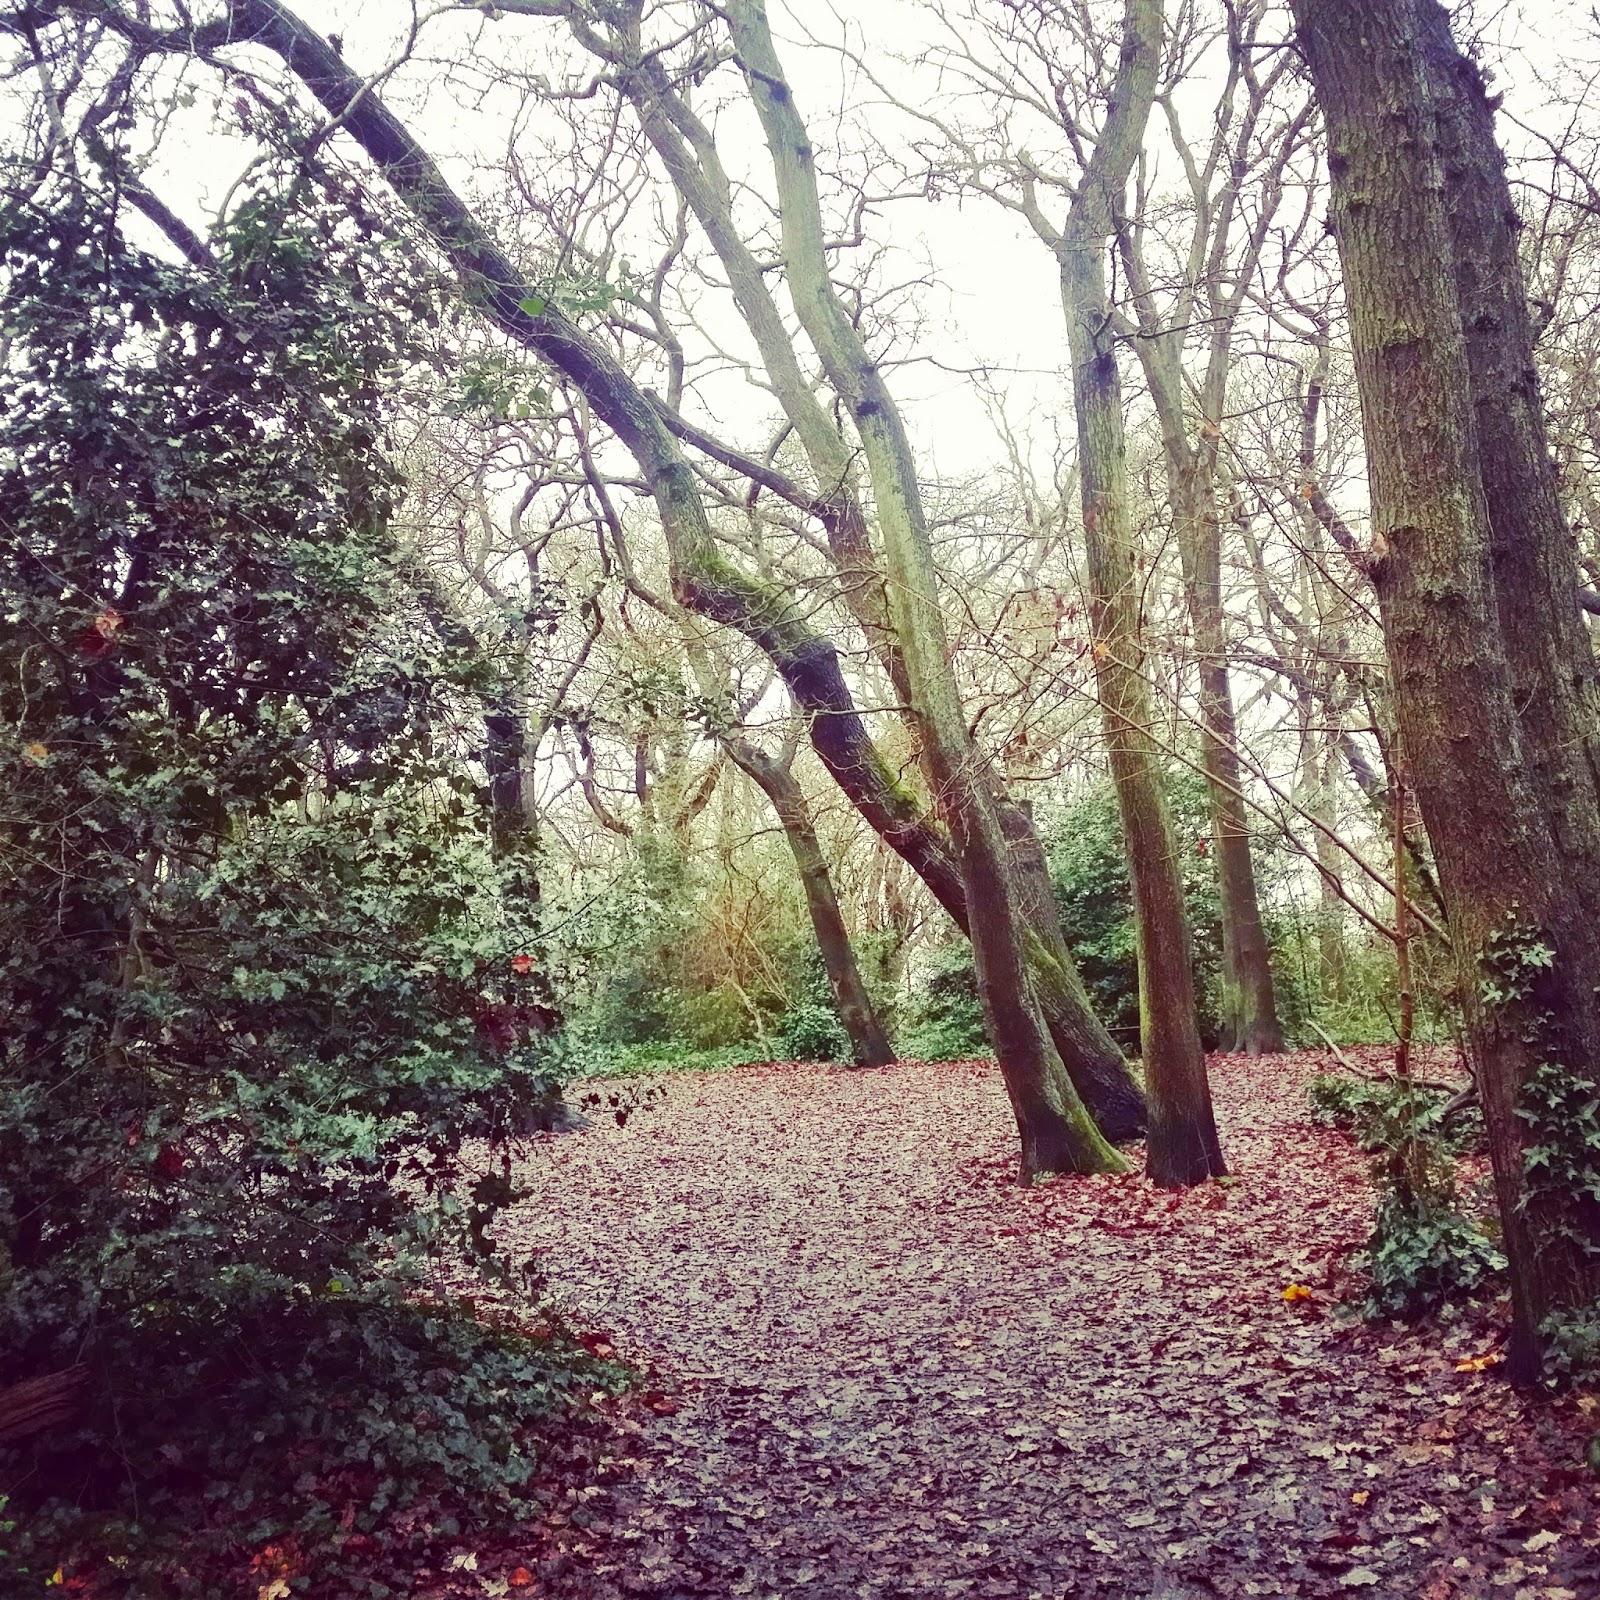 Dulwich Wood